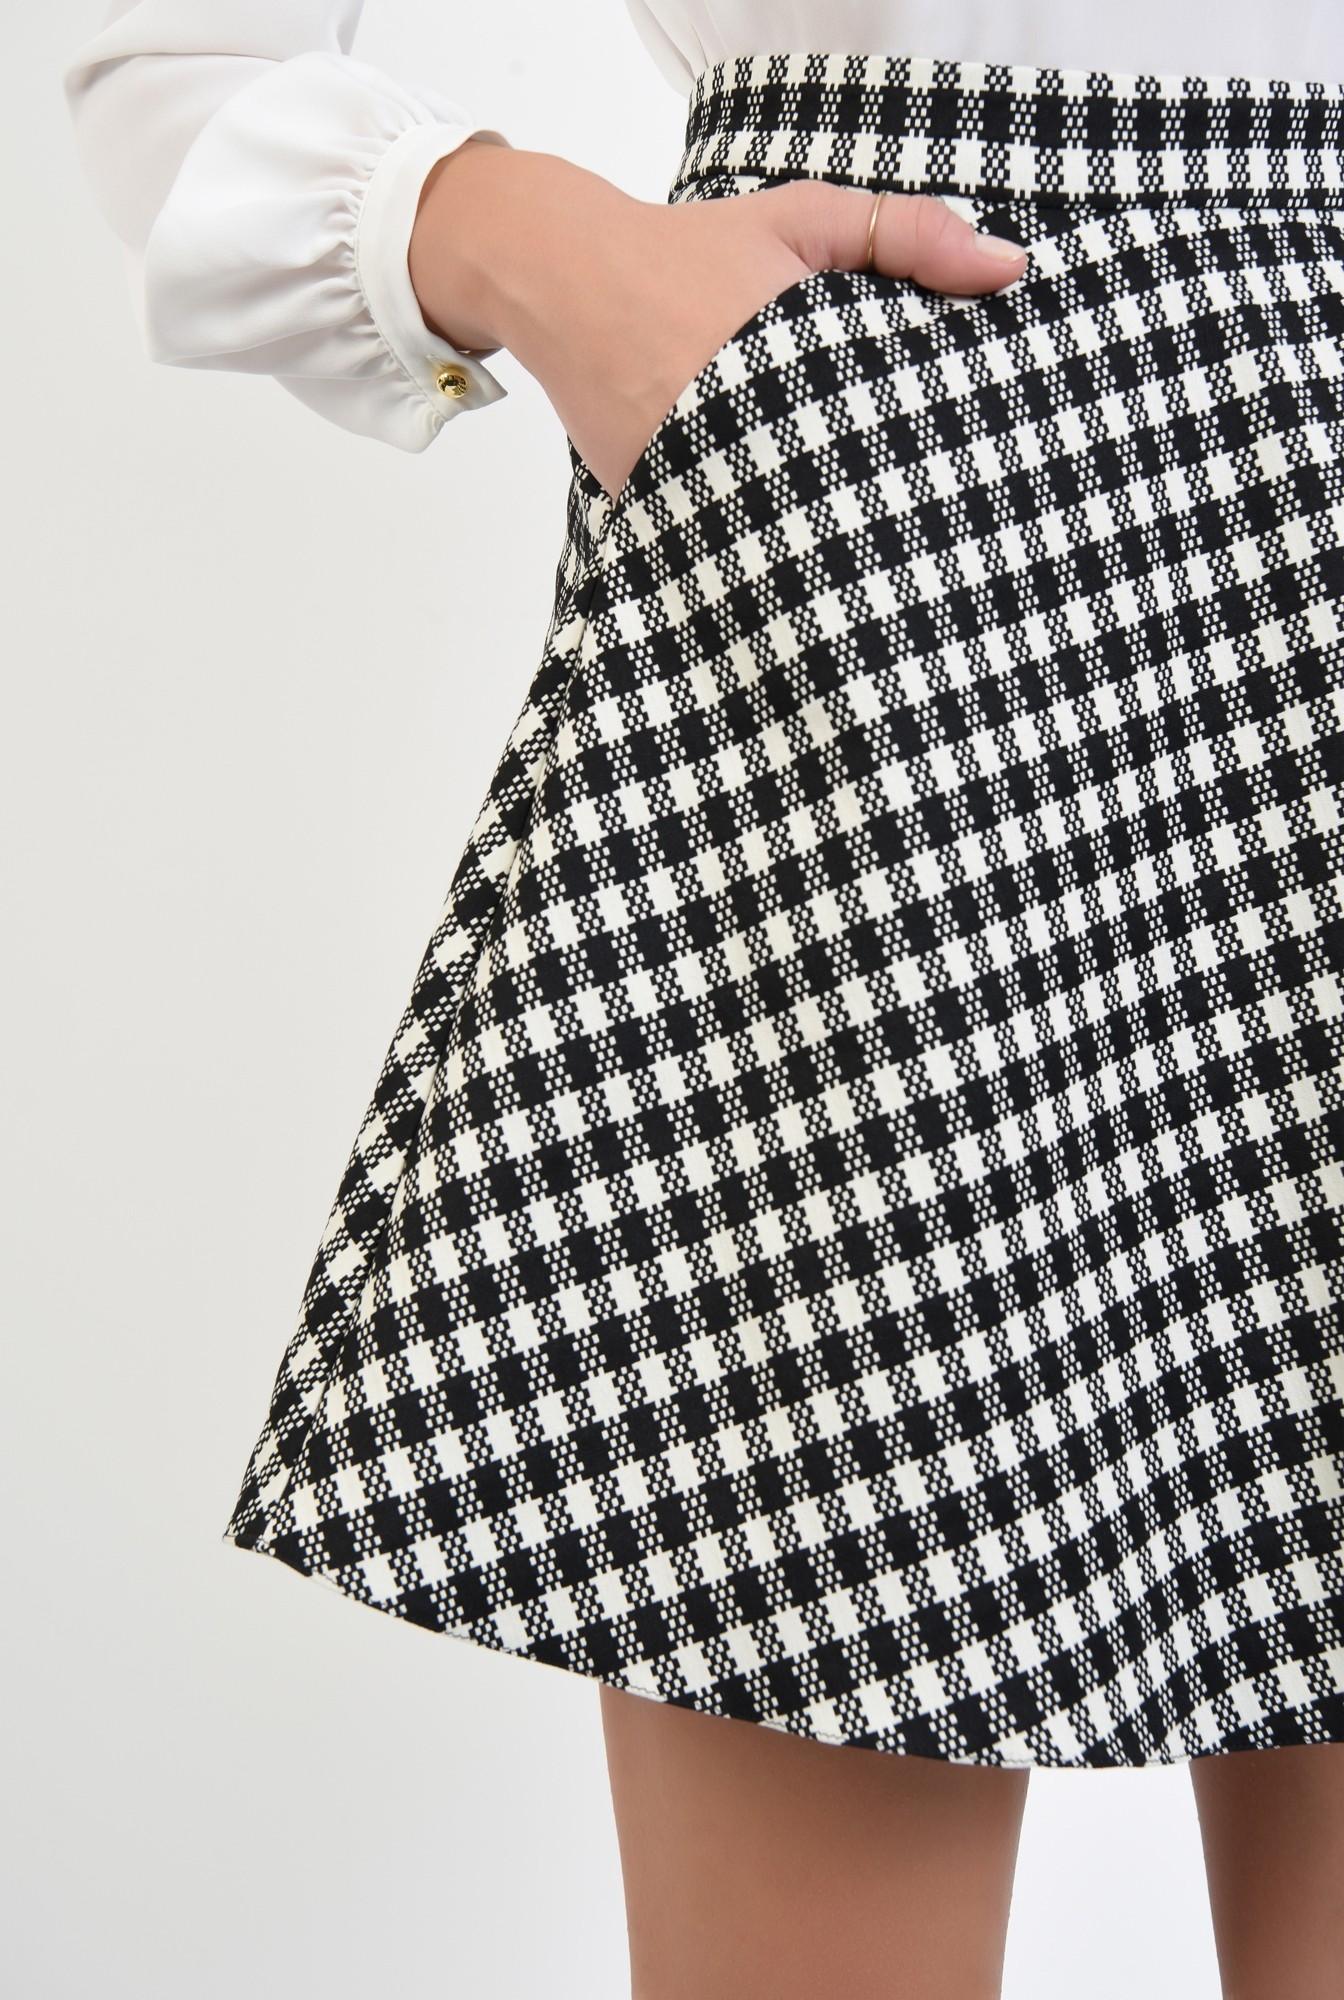 3 - fusta casual, bie, alb-negru, carouri, imprimeu